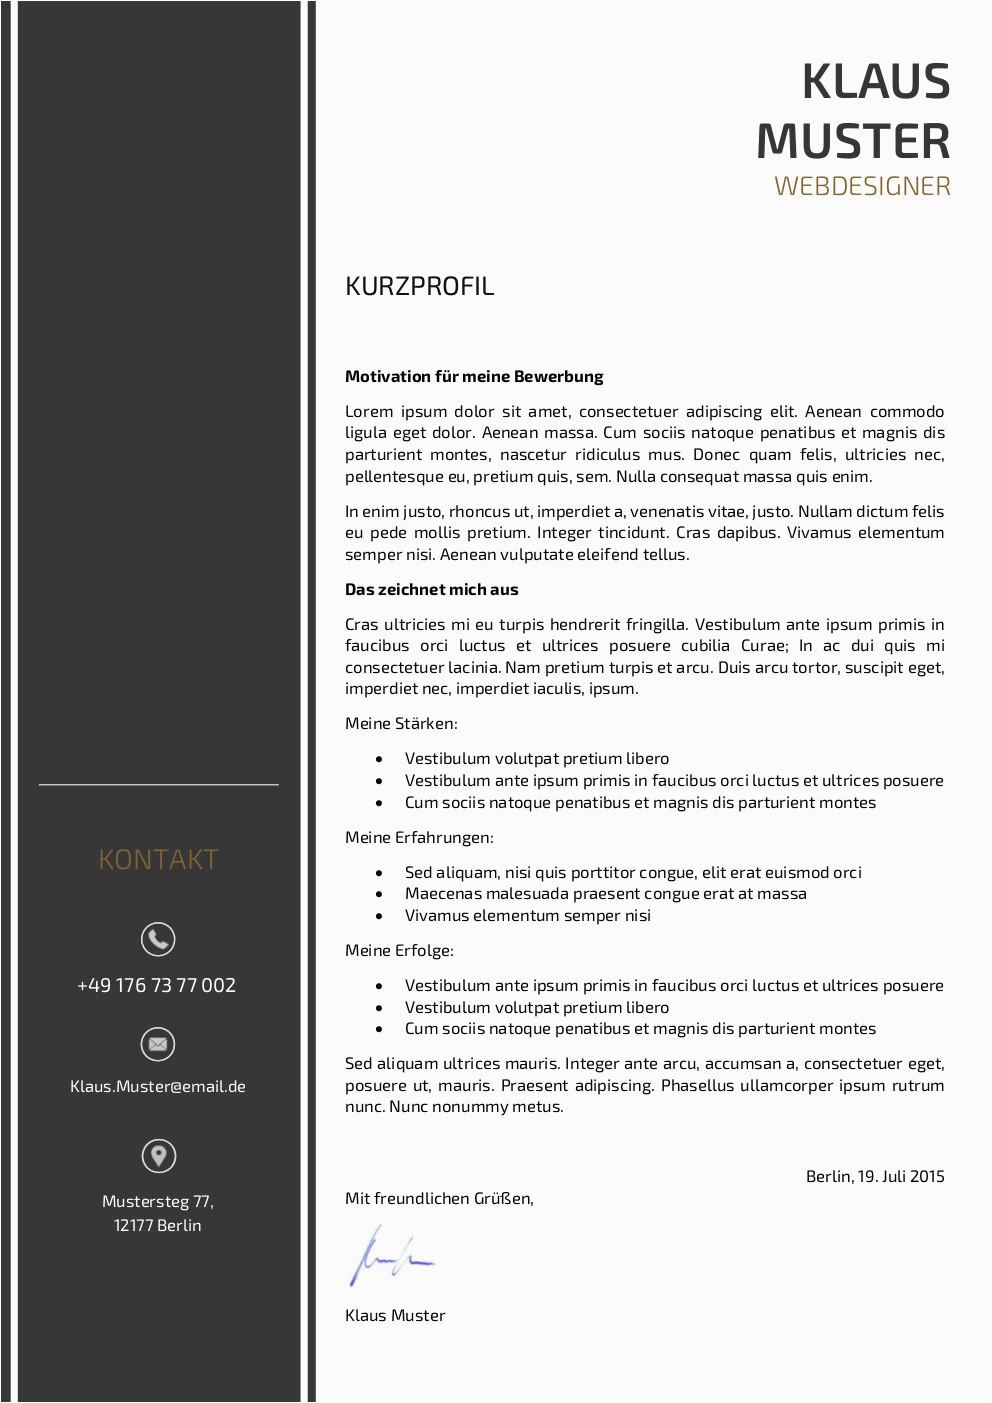 Lebenslauf Designs Motivationsschreiben Premium Bewerbungsmuster 3